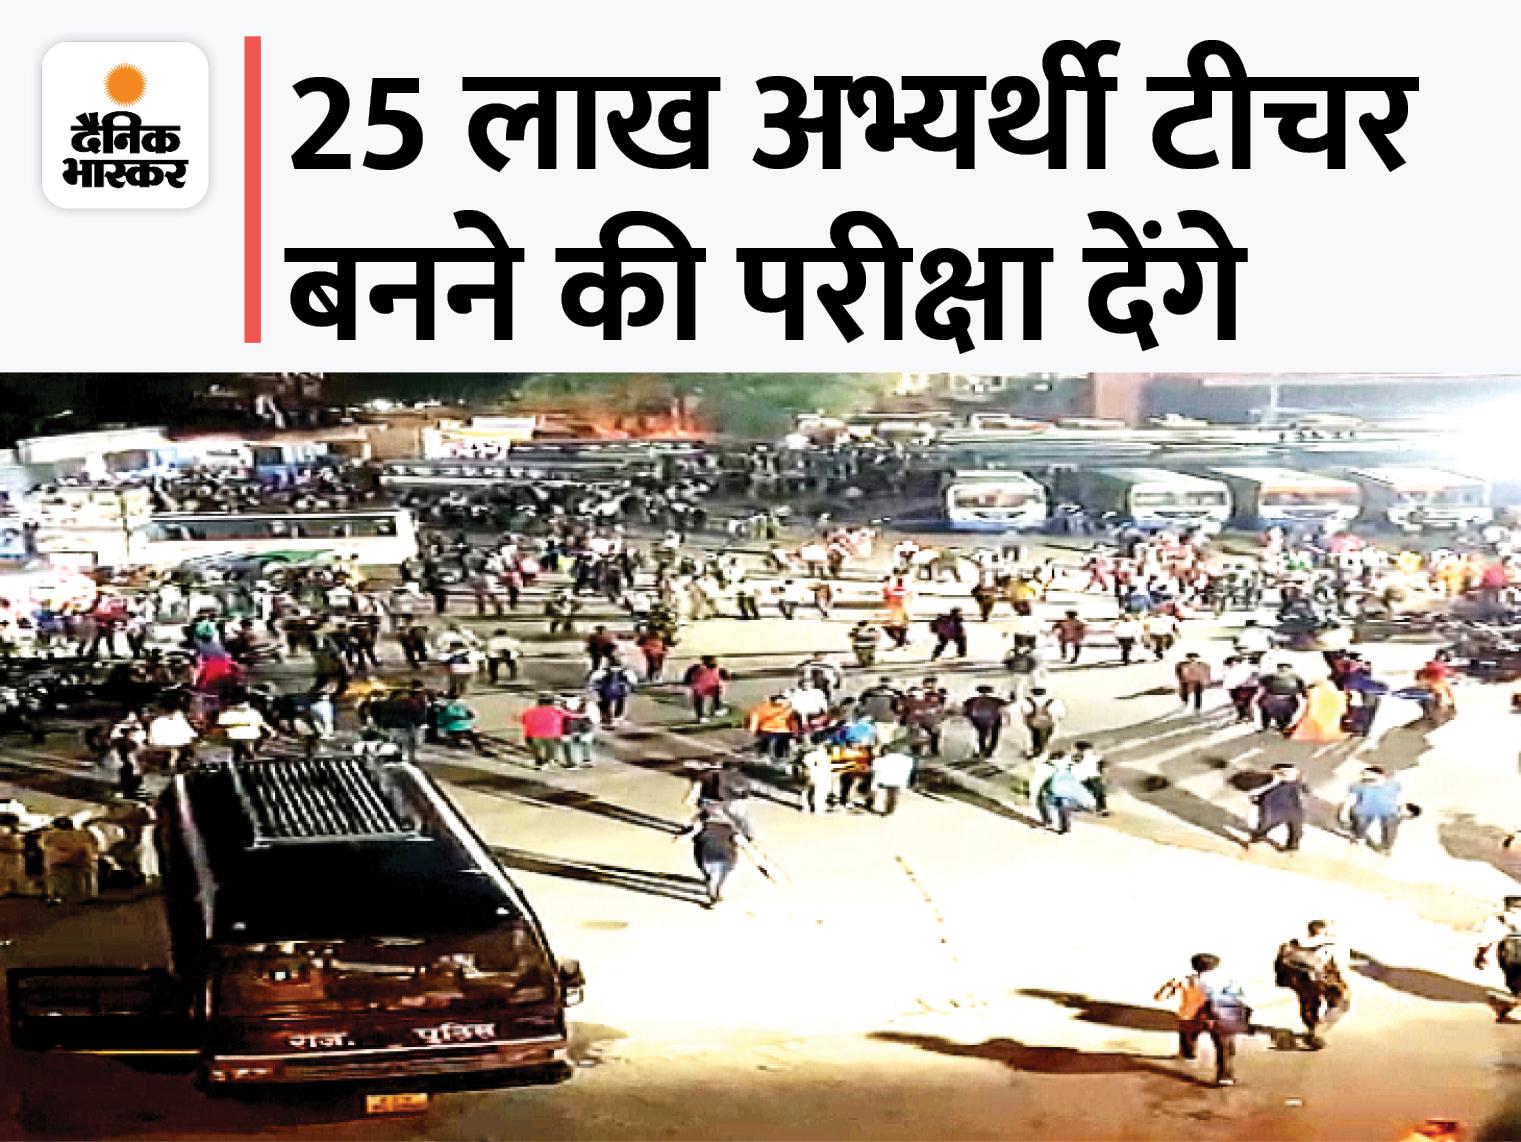 जयपुर में मुख्य सचिव ने कहा- परीक्षा सफल करवाना कलेक्टर-एसपी की जिम्मेदारी; पेपर लीक की आशंका से अलर्ट पर है SOG|REET 2021,REET 2021 - Dainik Bhaskar